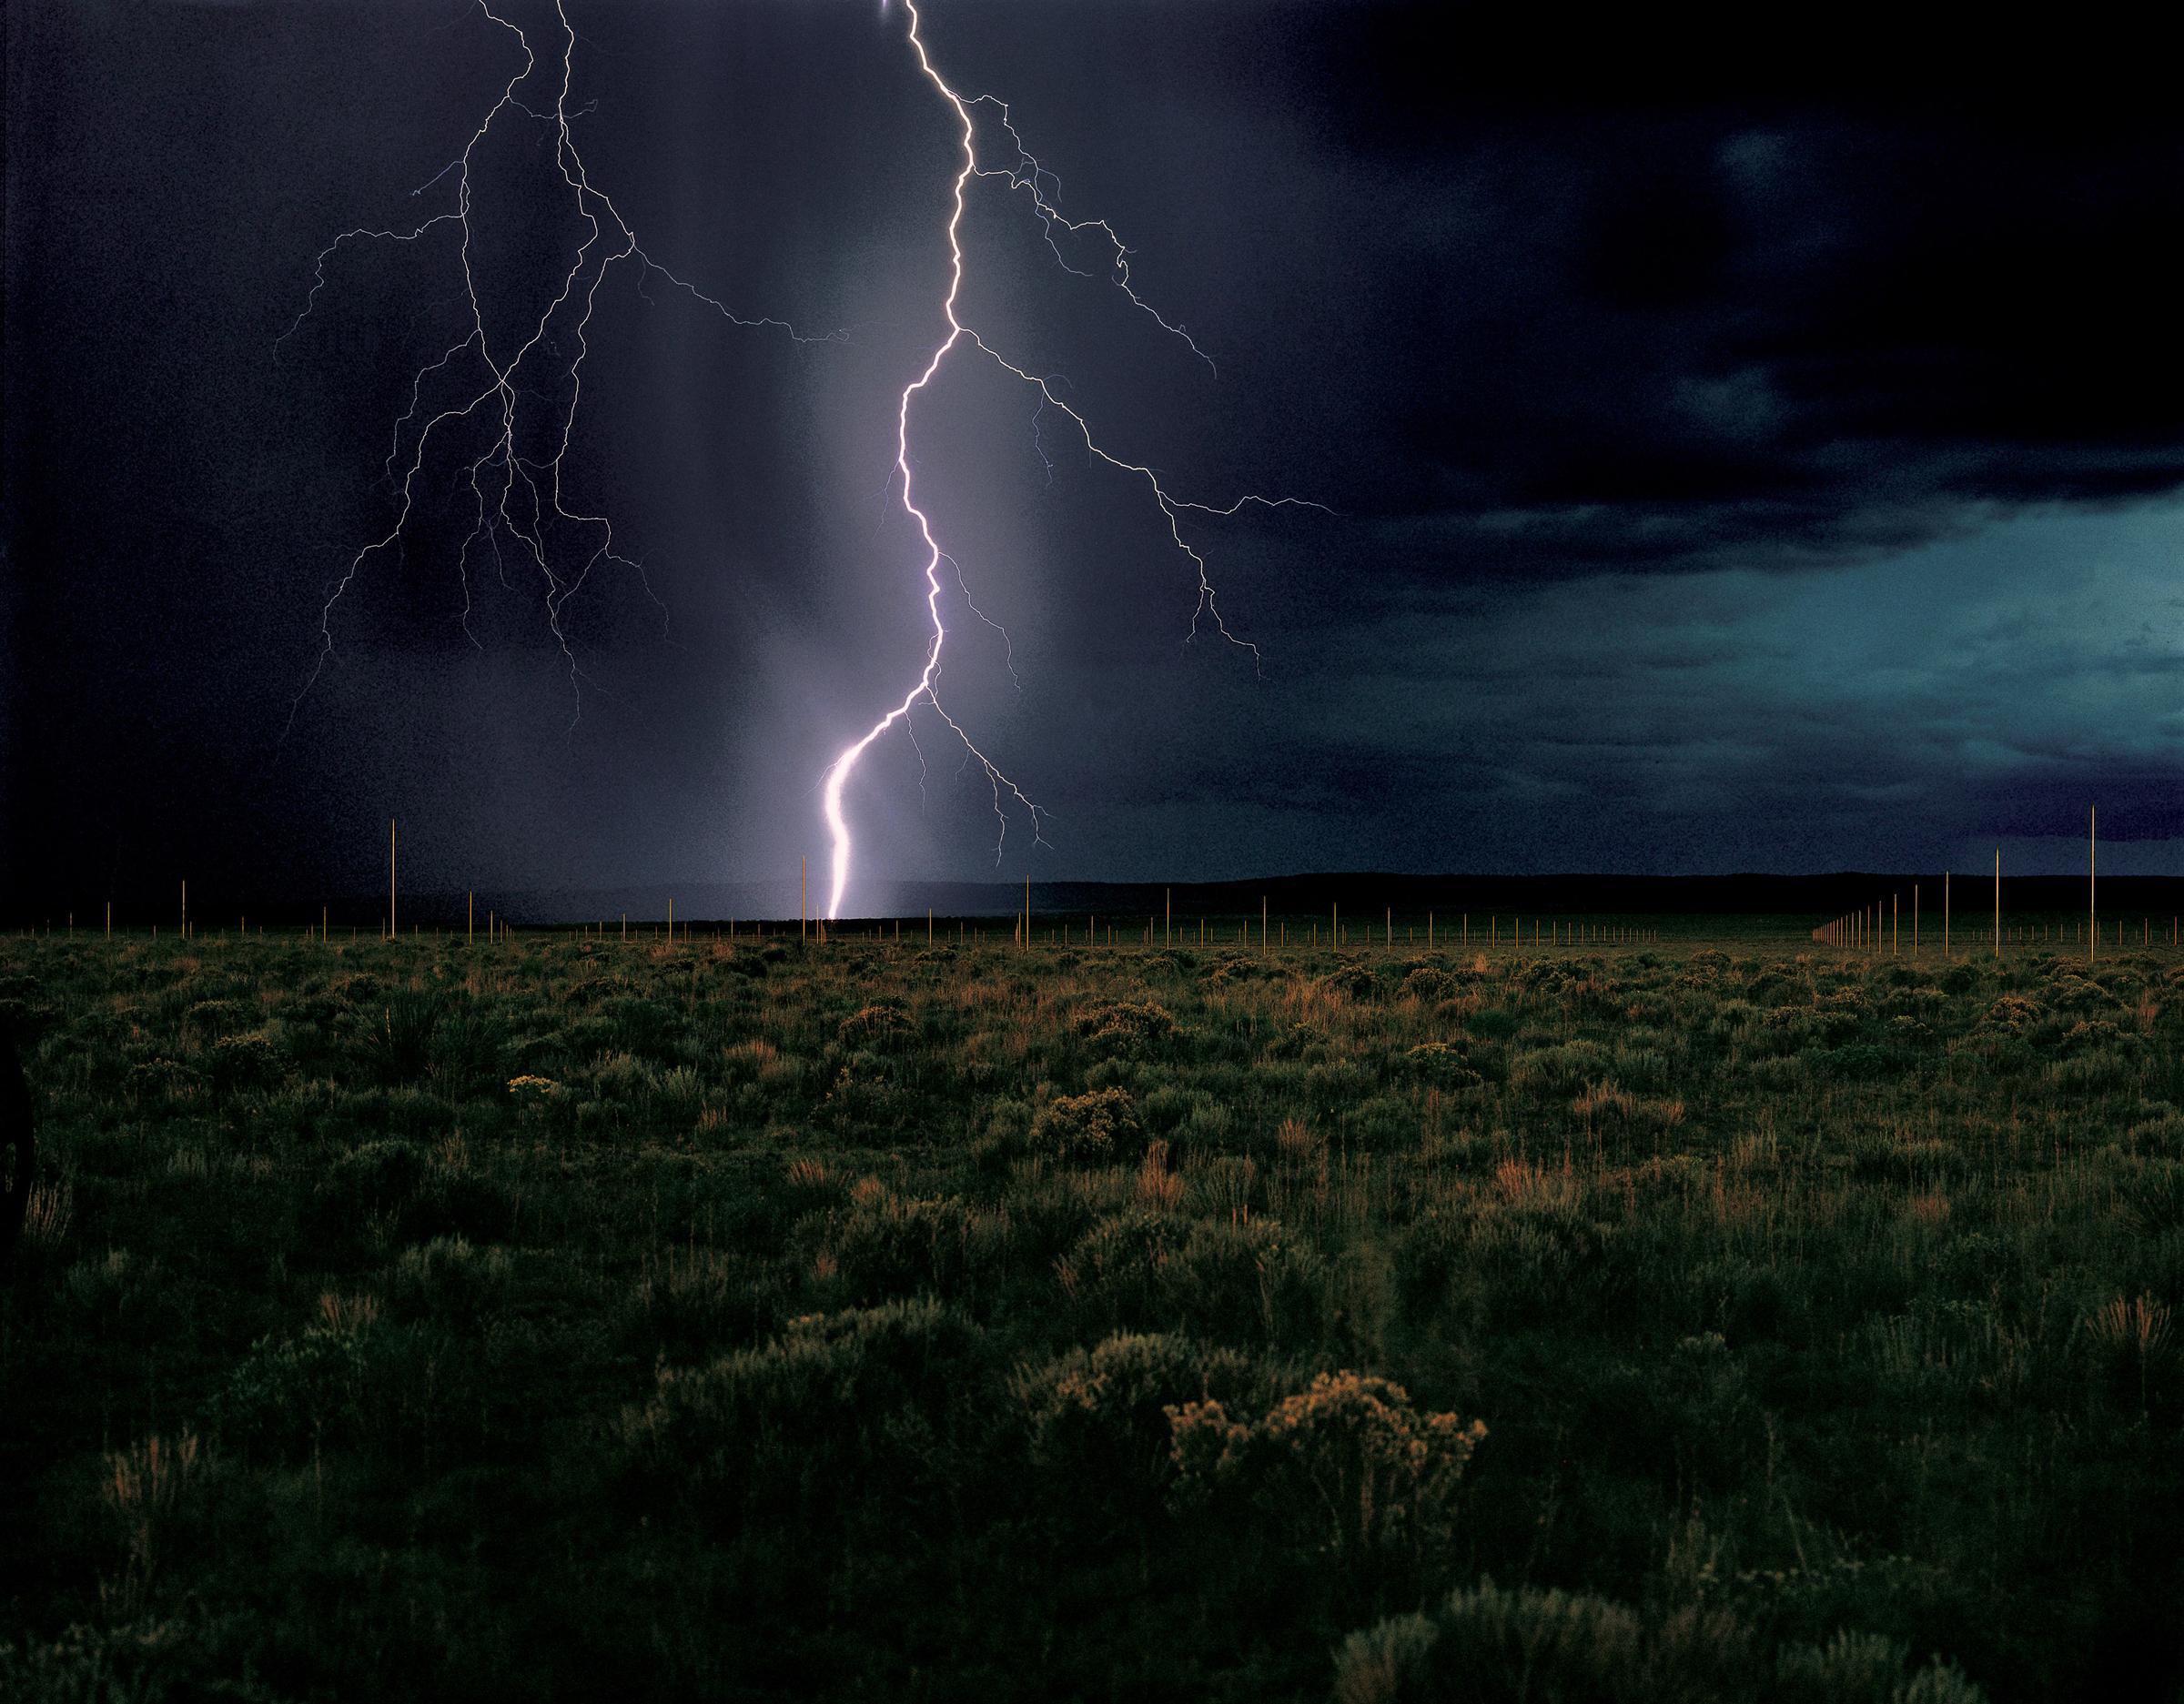 Walter de Maria - Lightning Field